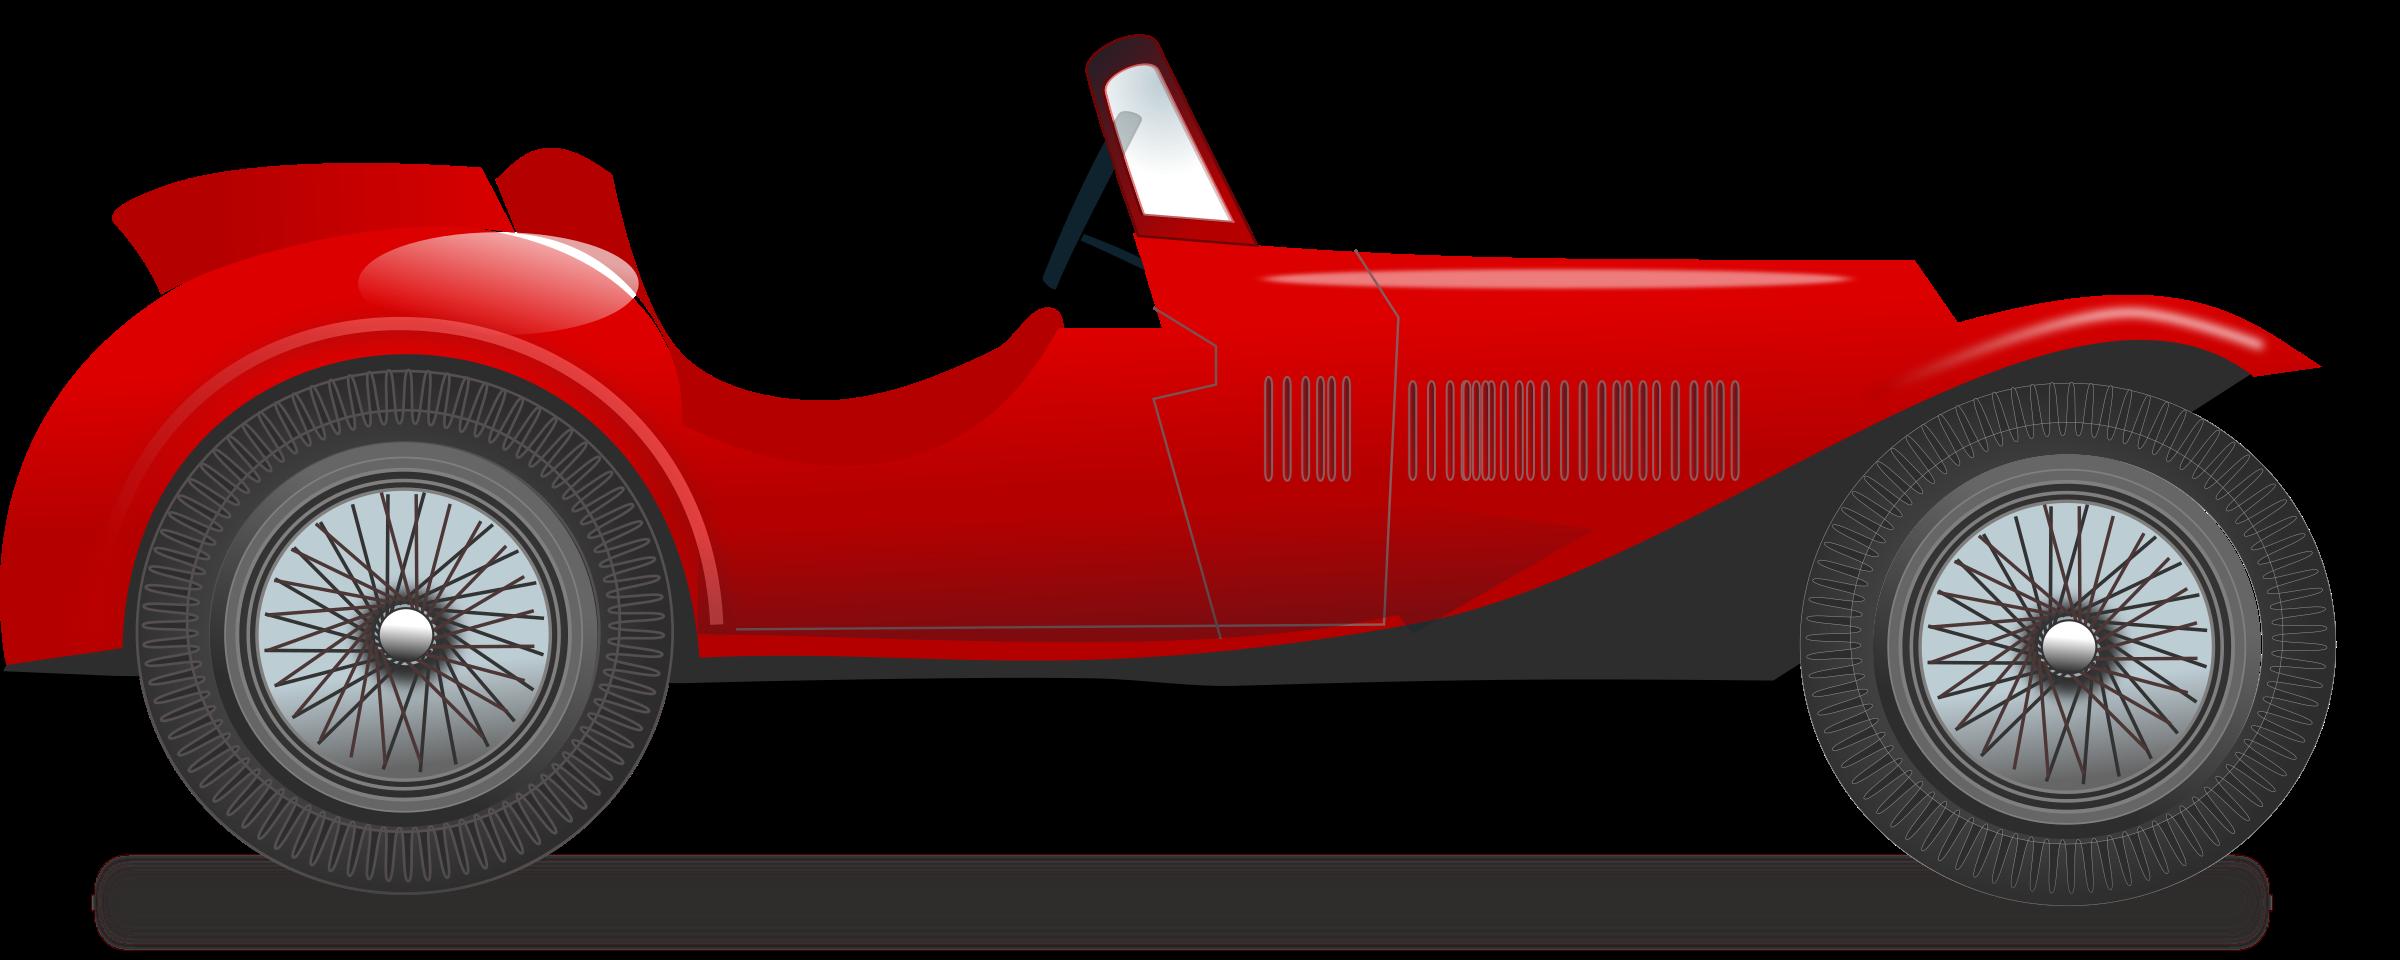 2400x960 Automobile Race Car Clipart, Explore Pictures